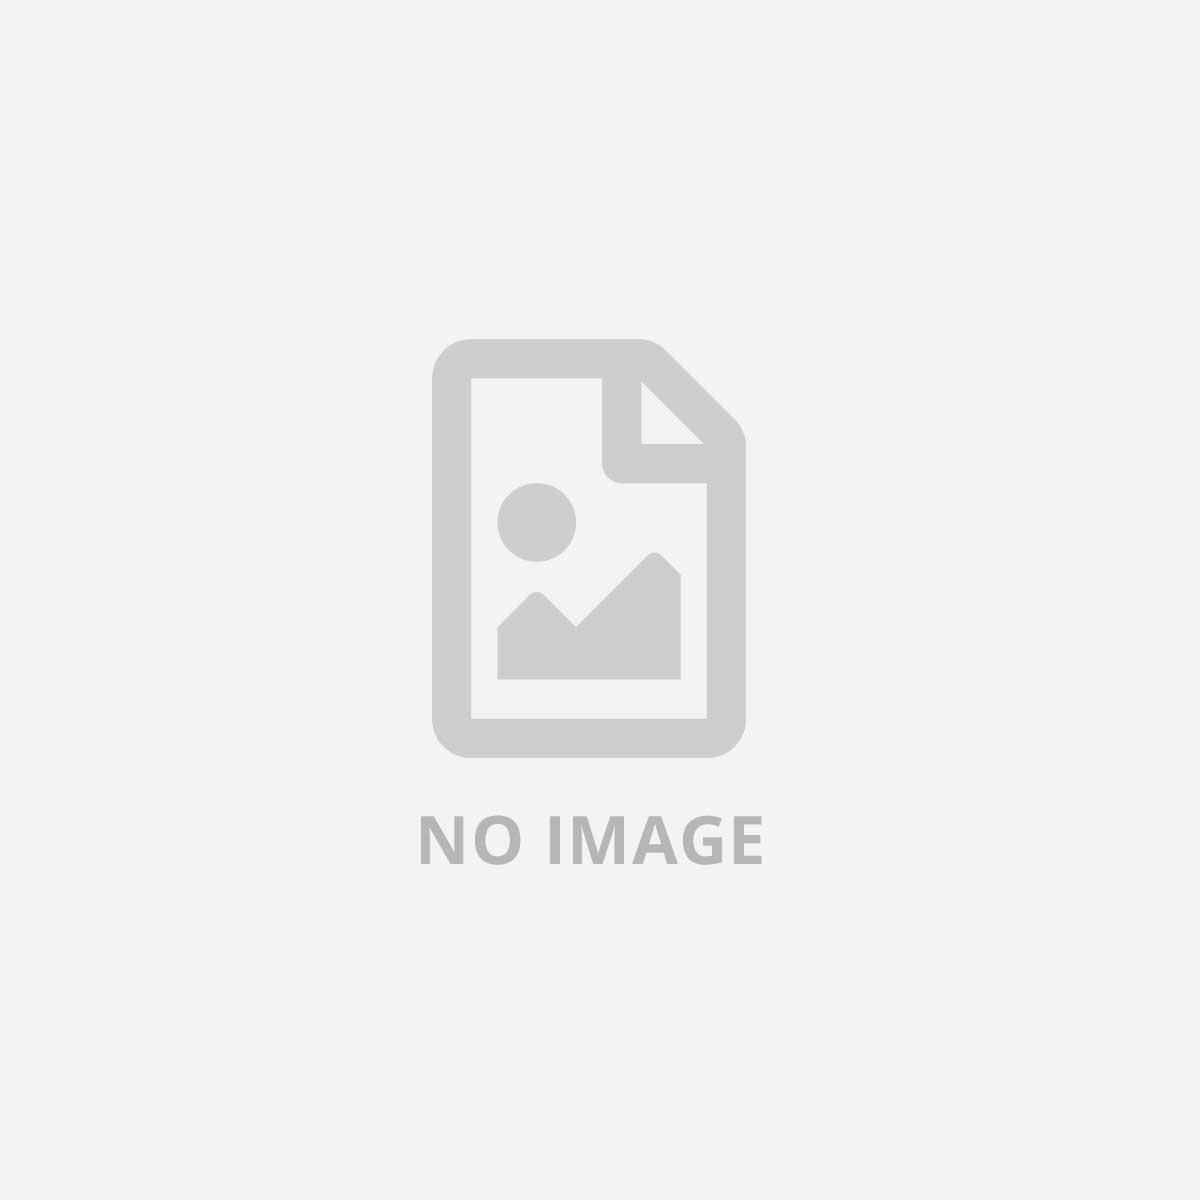 HANNSPREE 19 5 LED BACKLIGHT MONITOR